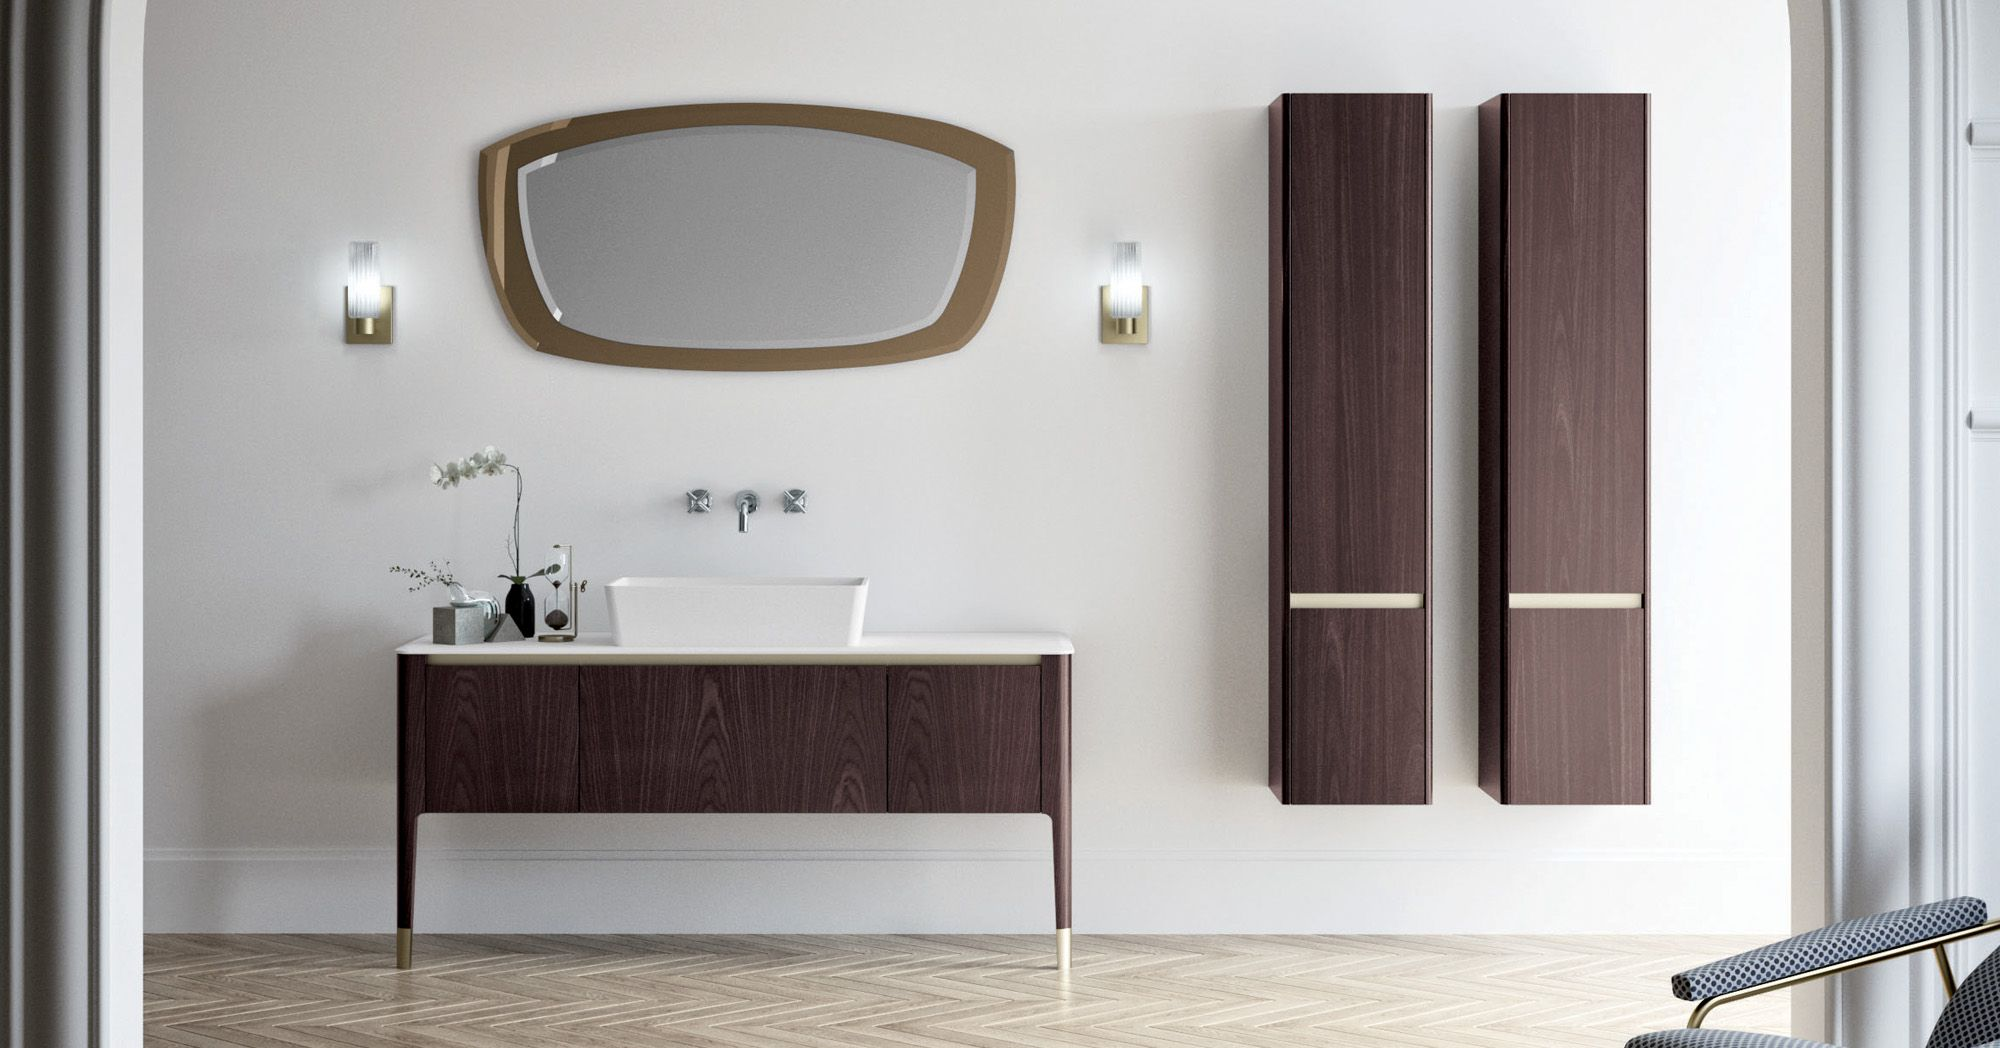 BAGNODESIGN | Luxury, Contemporary, Classic Bathroom Design ...